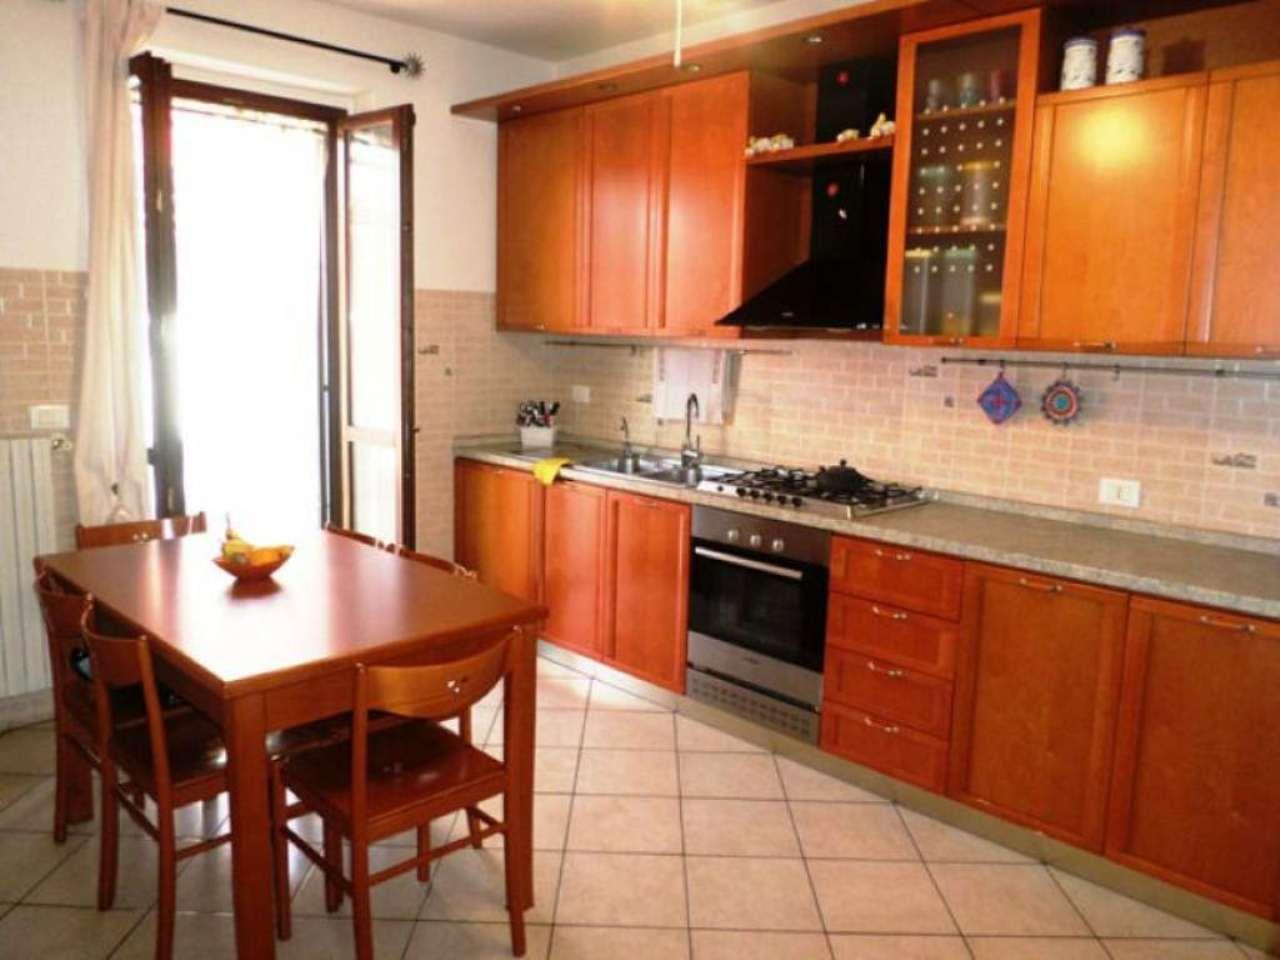 Villa in vendita a Lodi, 5 locali, prezzo € 240.000 | Cambio Casa.it